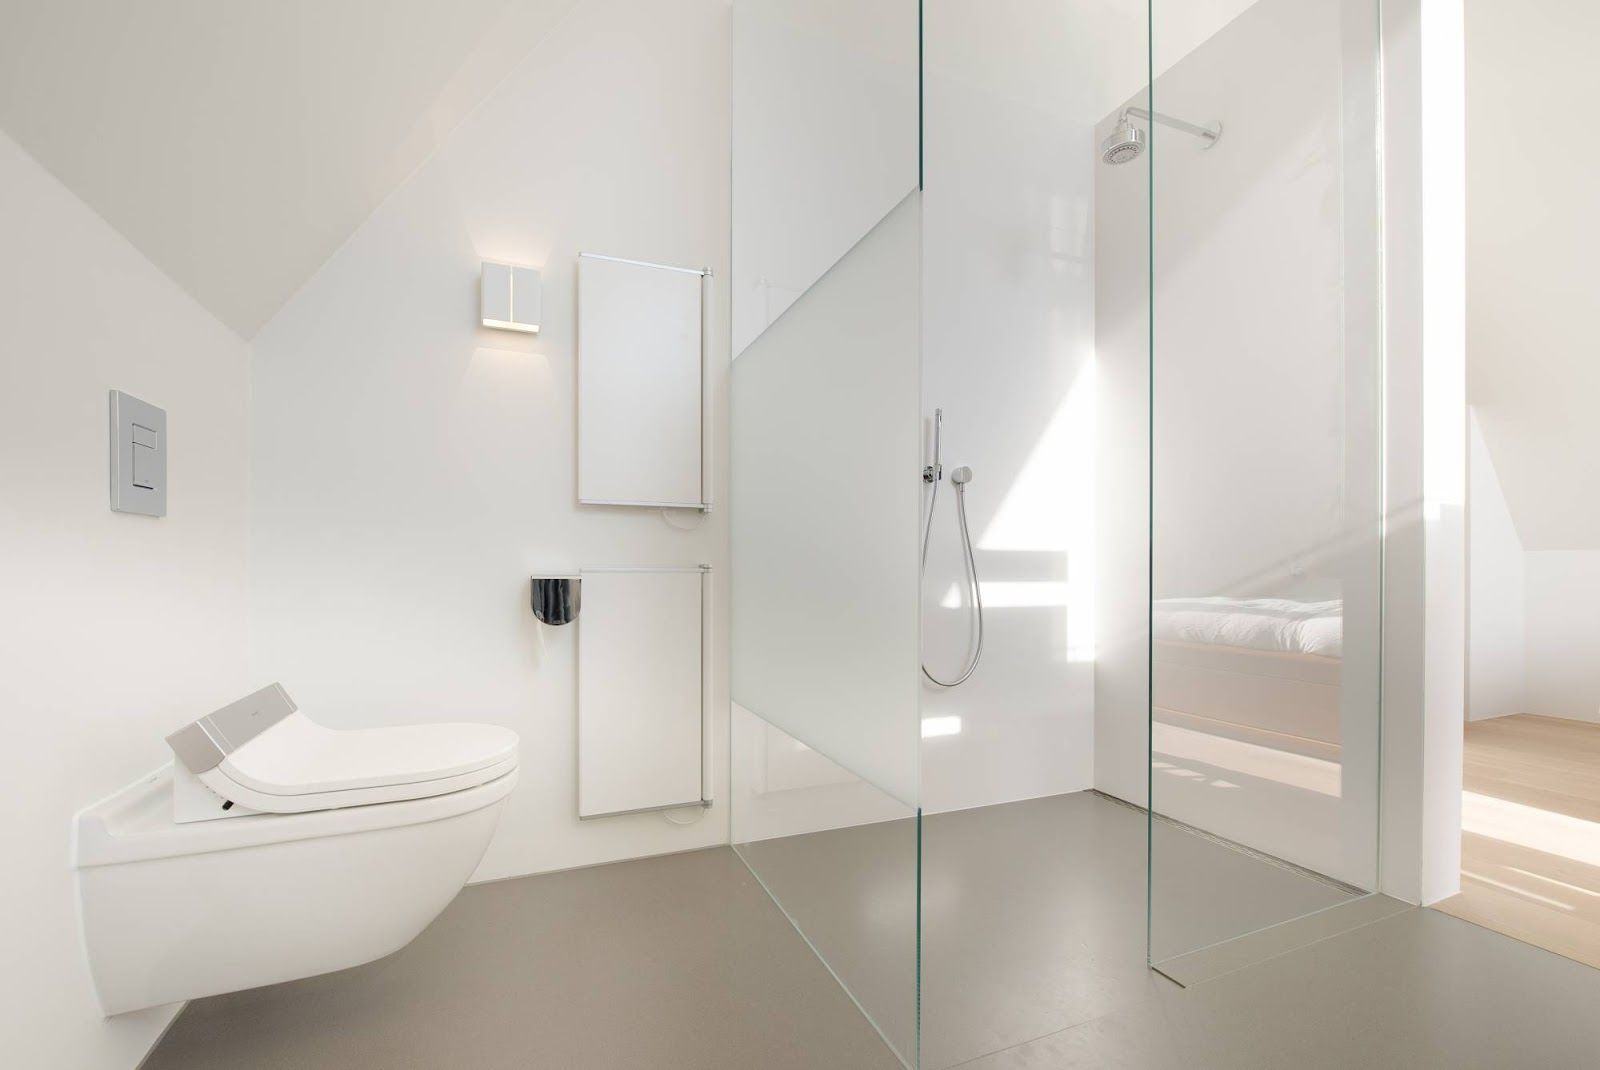 Douche wand met werkje google zoeken badkamer